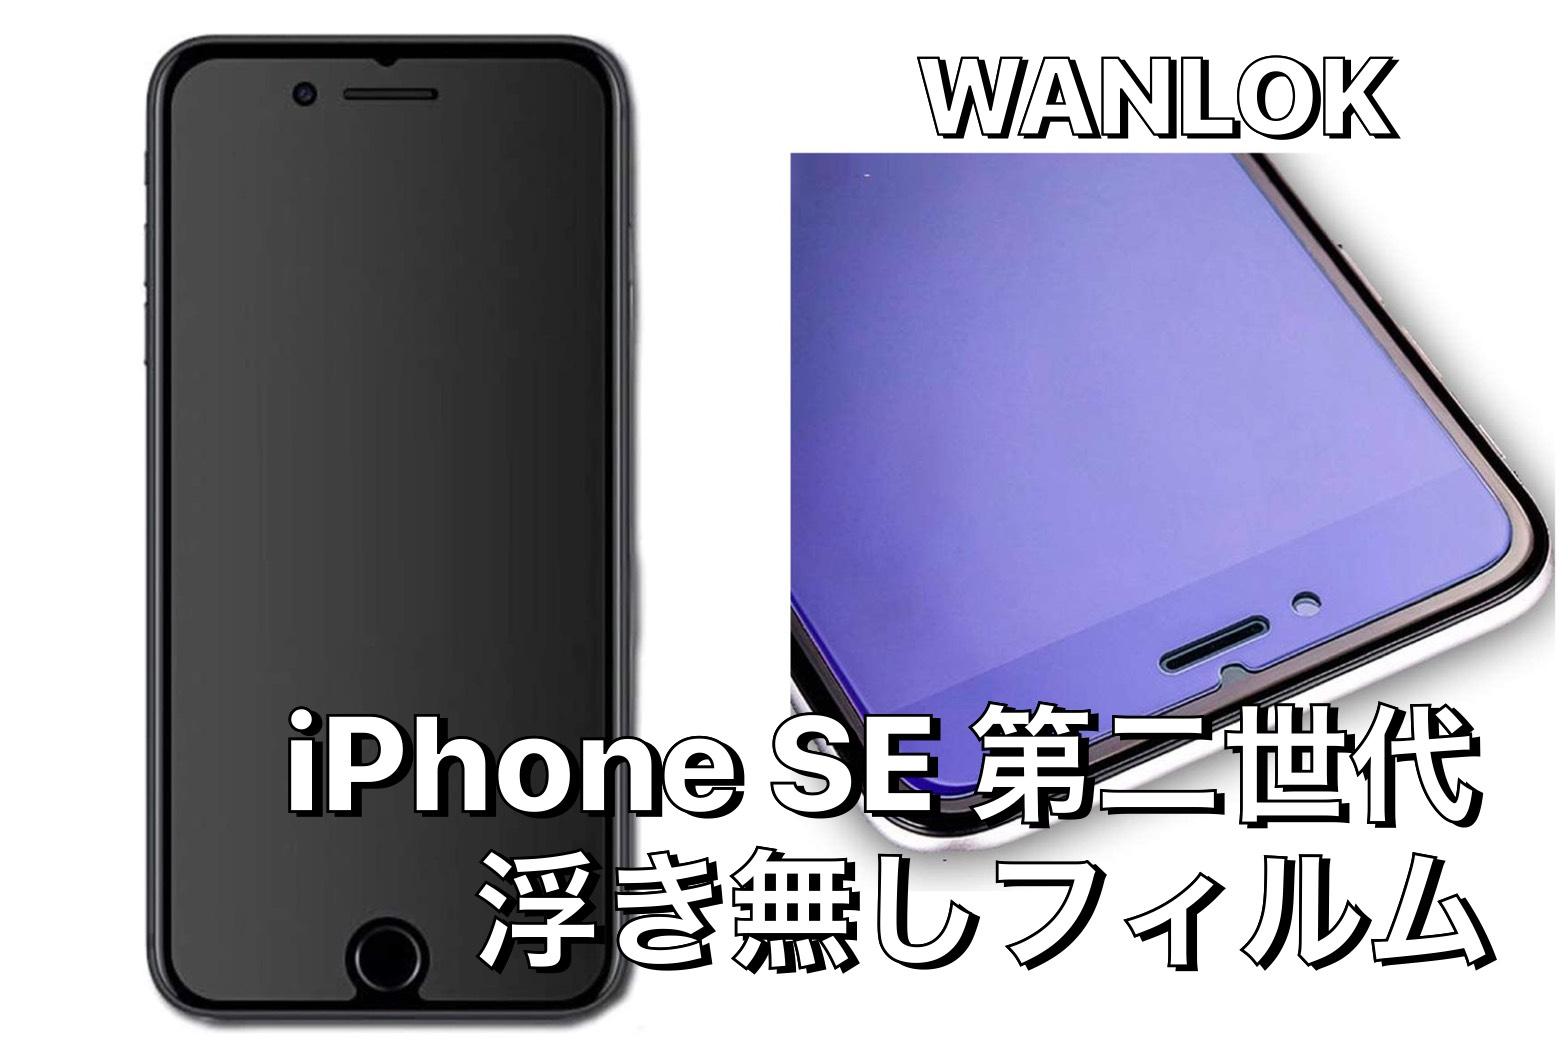 WANLOK iPhone SE実機にて「浮き無し」確認済。アップル『iPhone SE(第2世代)』専用の、フチが浮かない全面強力吸着タイプ液晶保護フィルム2種をAmazonにて発売開始。